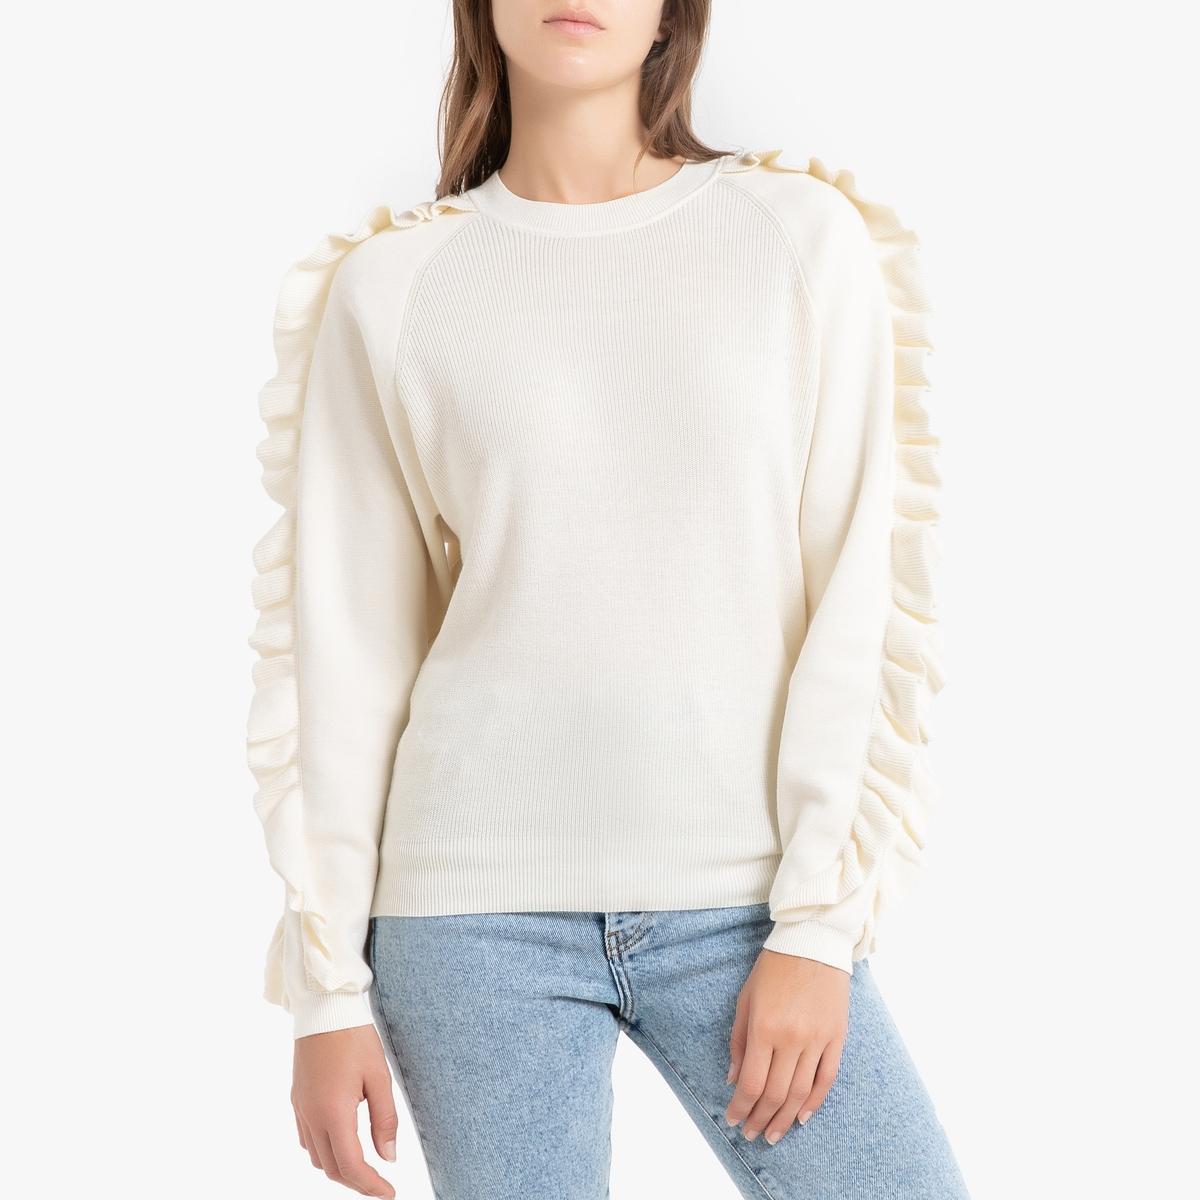 Пуловер La Redoute С круглым вырезом и воланами из тонкого трикотажа CIEL 2(M) бежевый